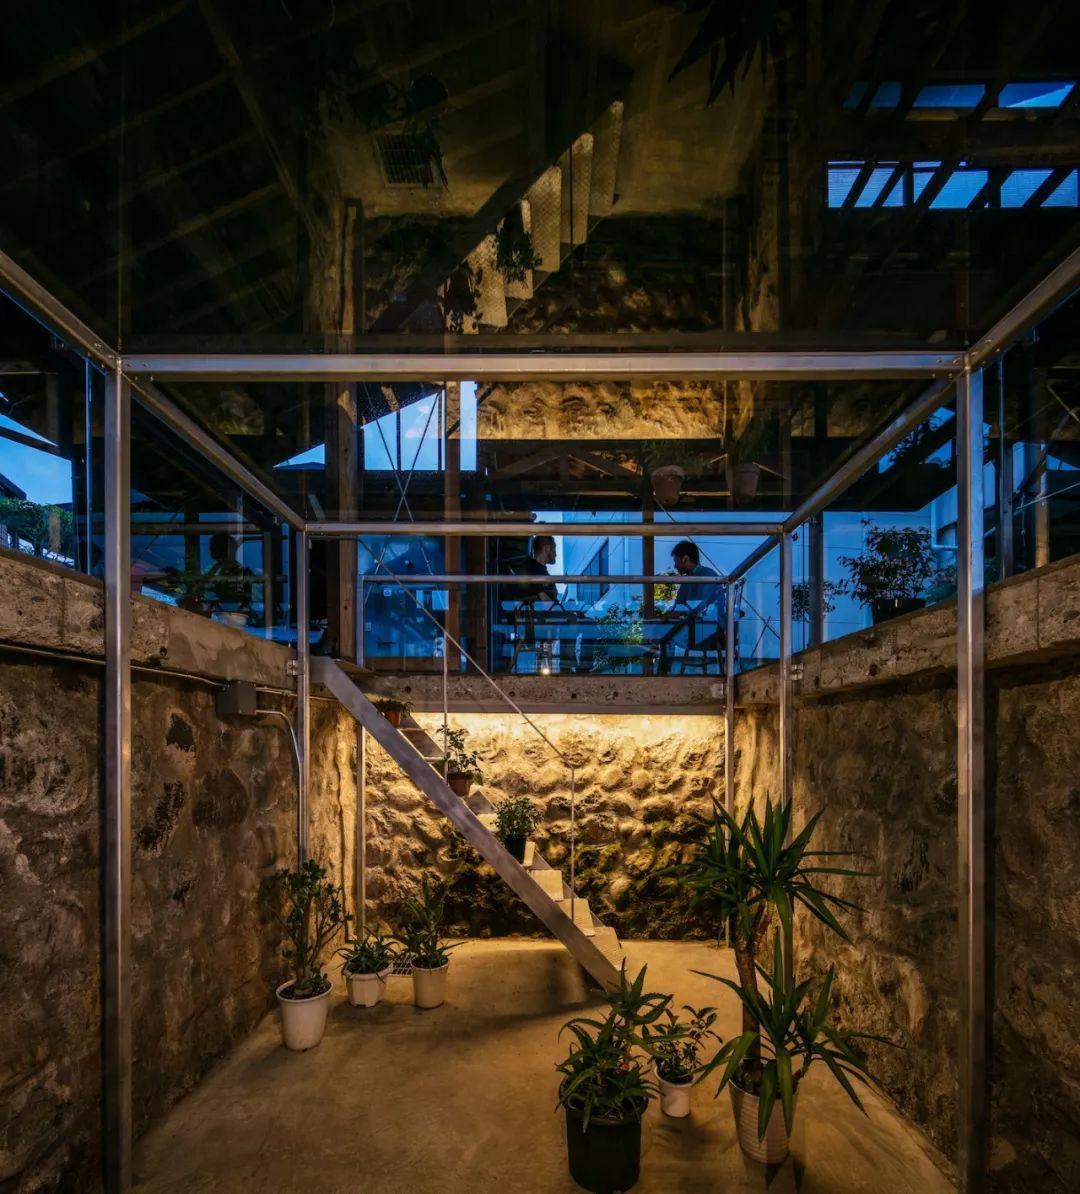 Cặp vợ chồng quyết định cải tạo biệt thự cổ rộng 550m2 thay bằng nhà kính gần gũi với thiên nhiên - Ảnh 5.